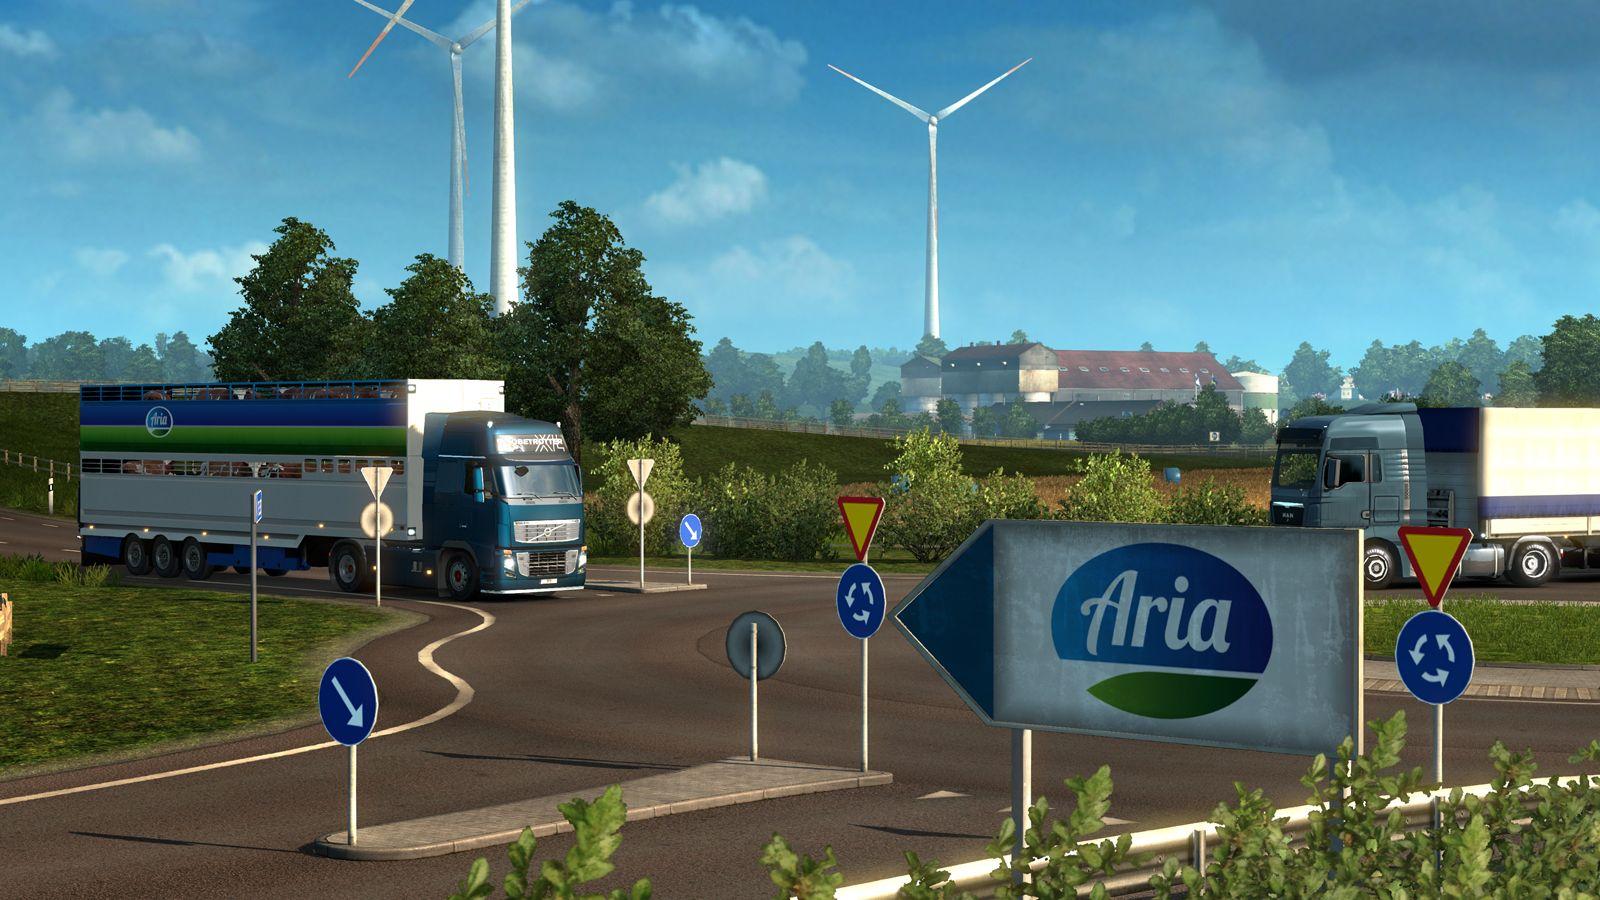 Scandinavia: Новые грузы и изменения в системе грузоперевозок ETS 2